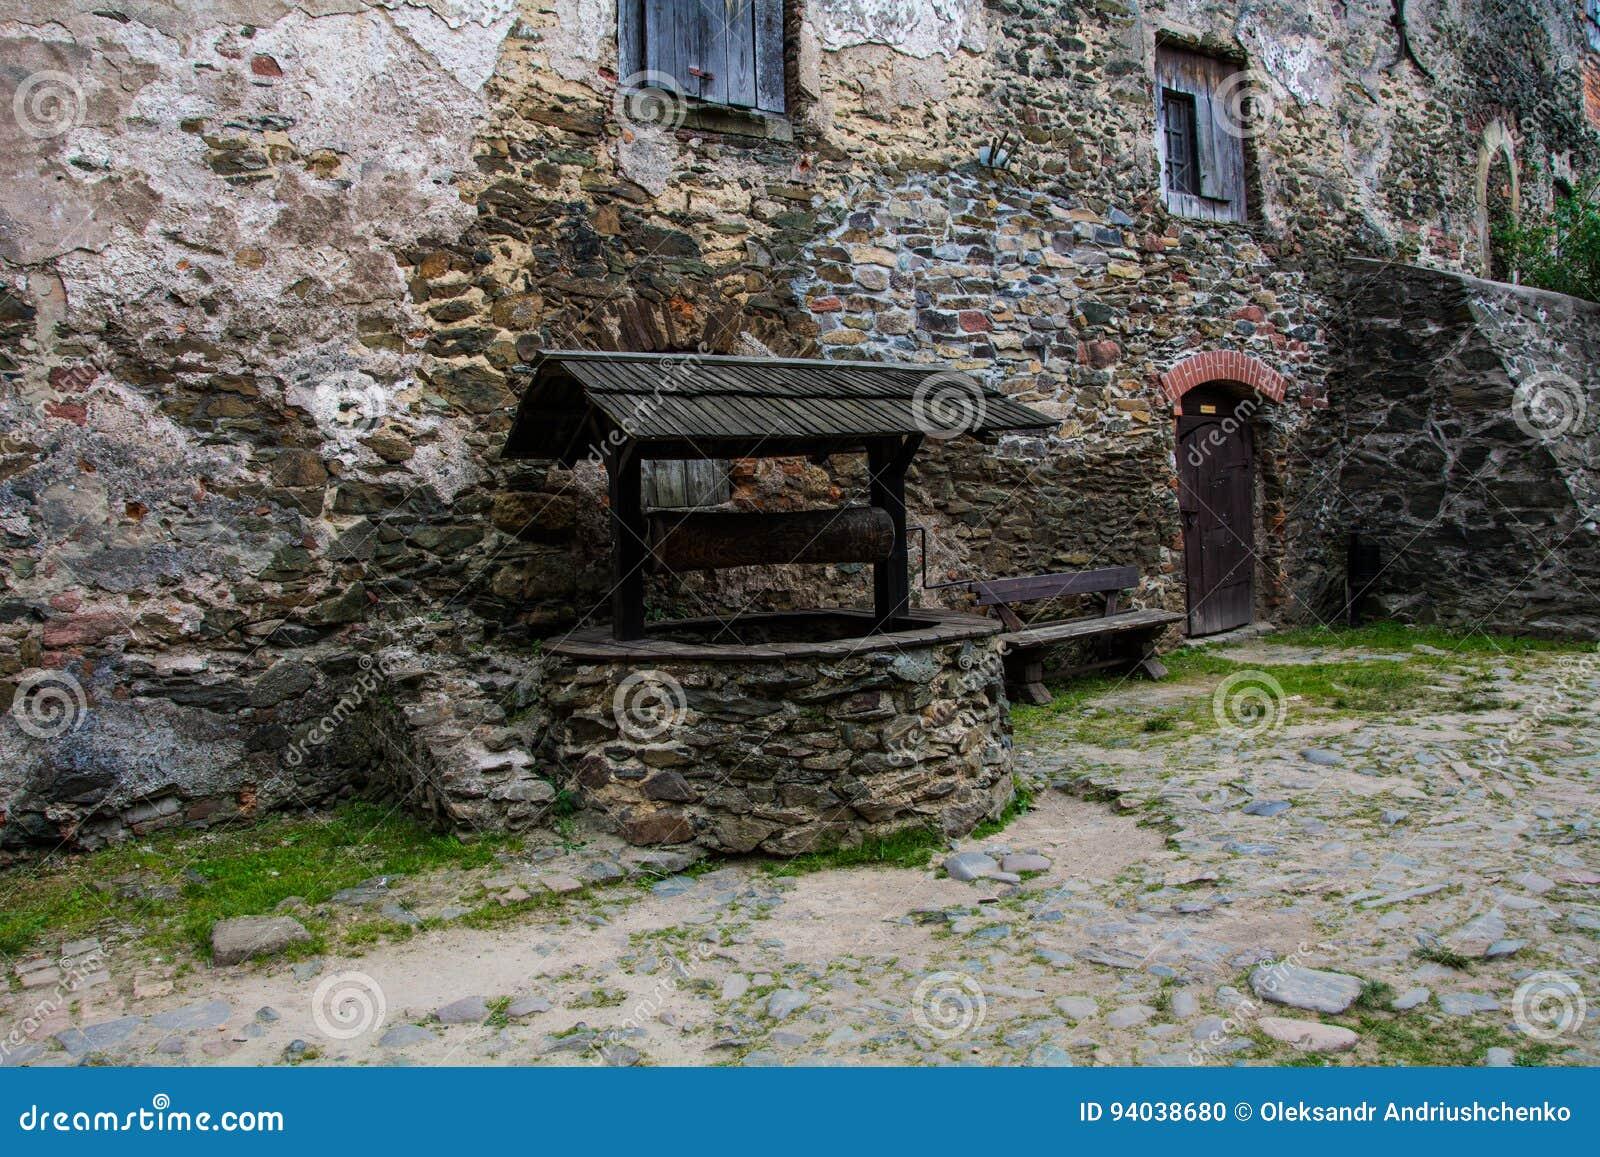 Zamek w Bolkowie Burgberg, 396 metrów nad poziom morza